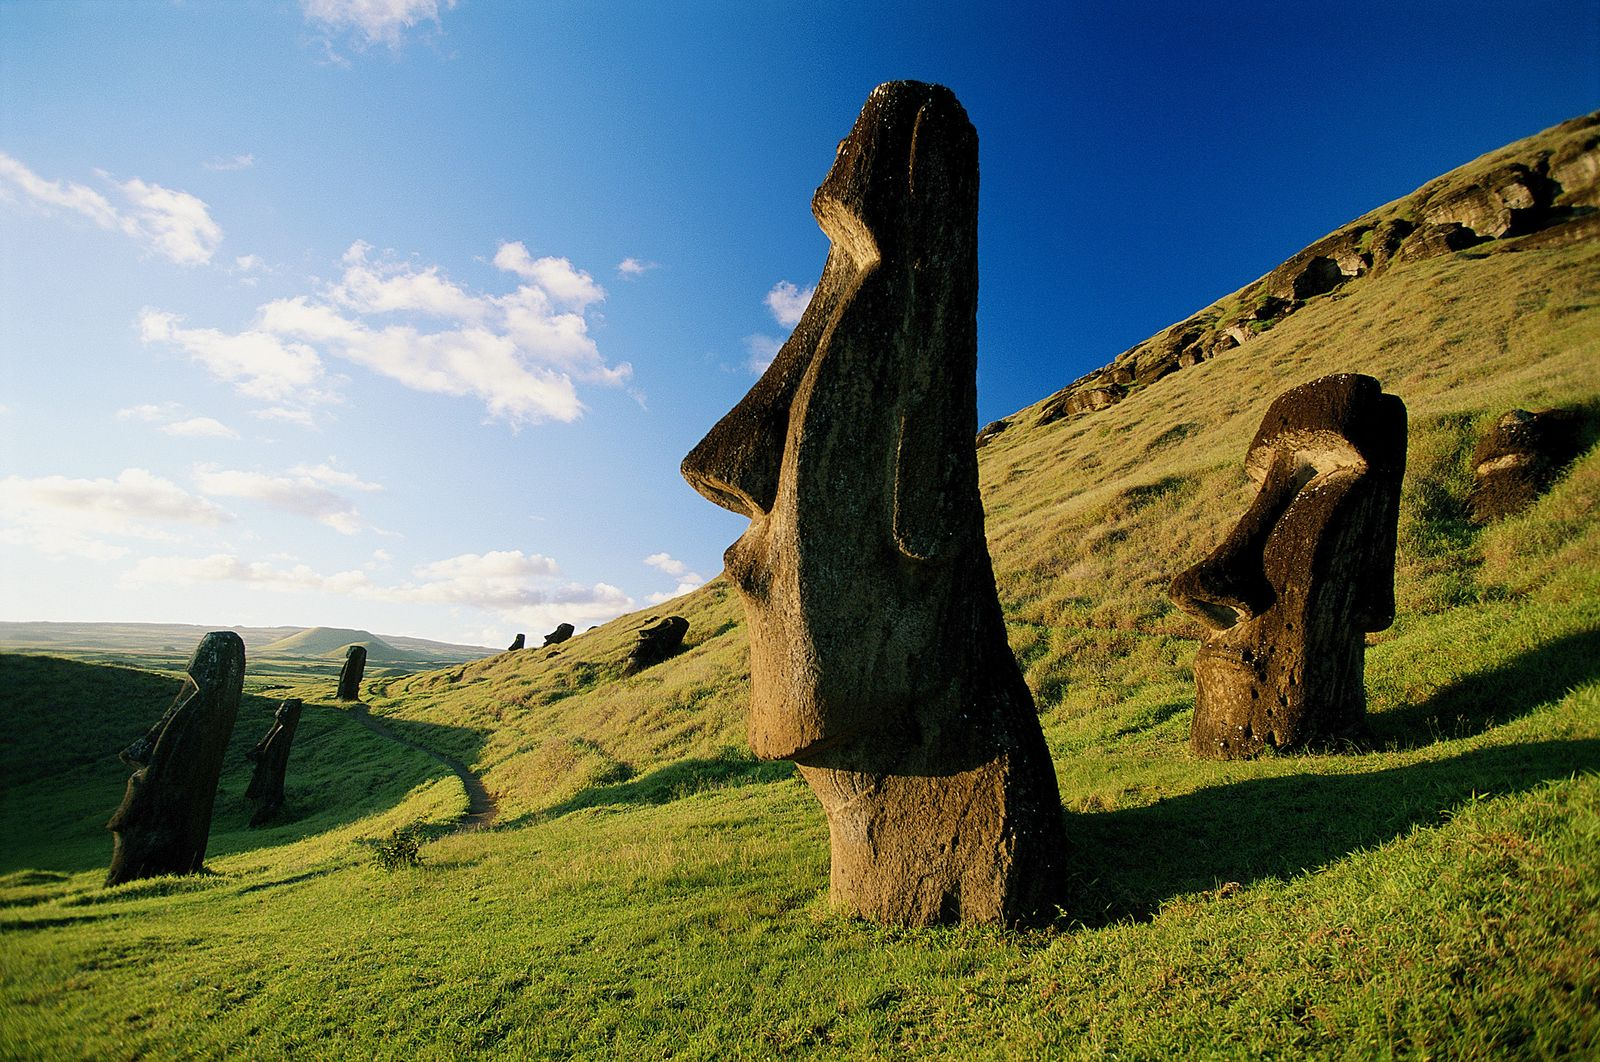 Esculturas moai pontilham as encostas verdejantes da Ilha de Páscoa.